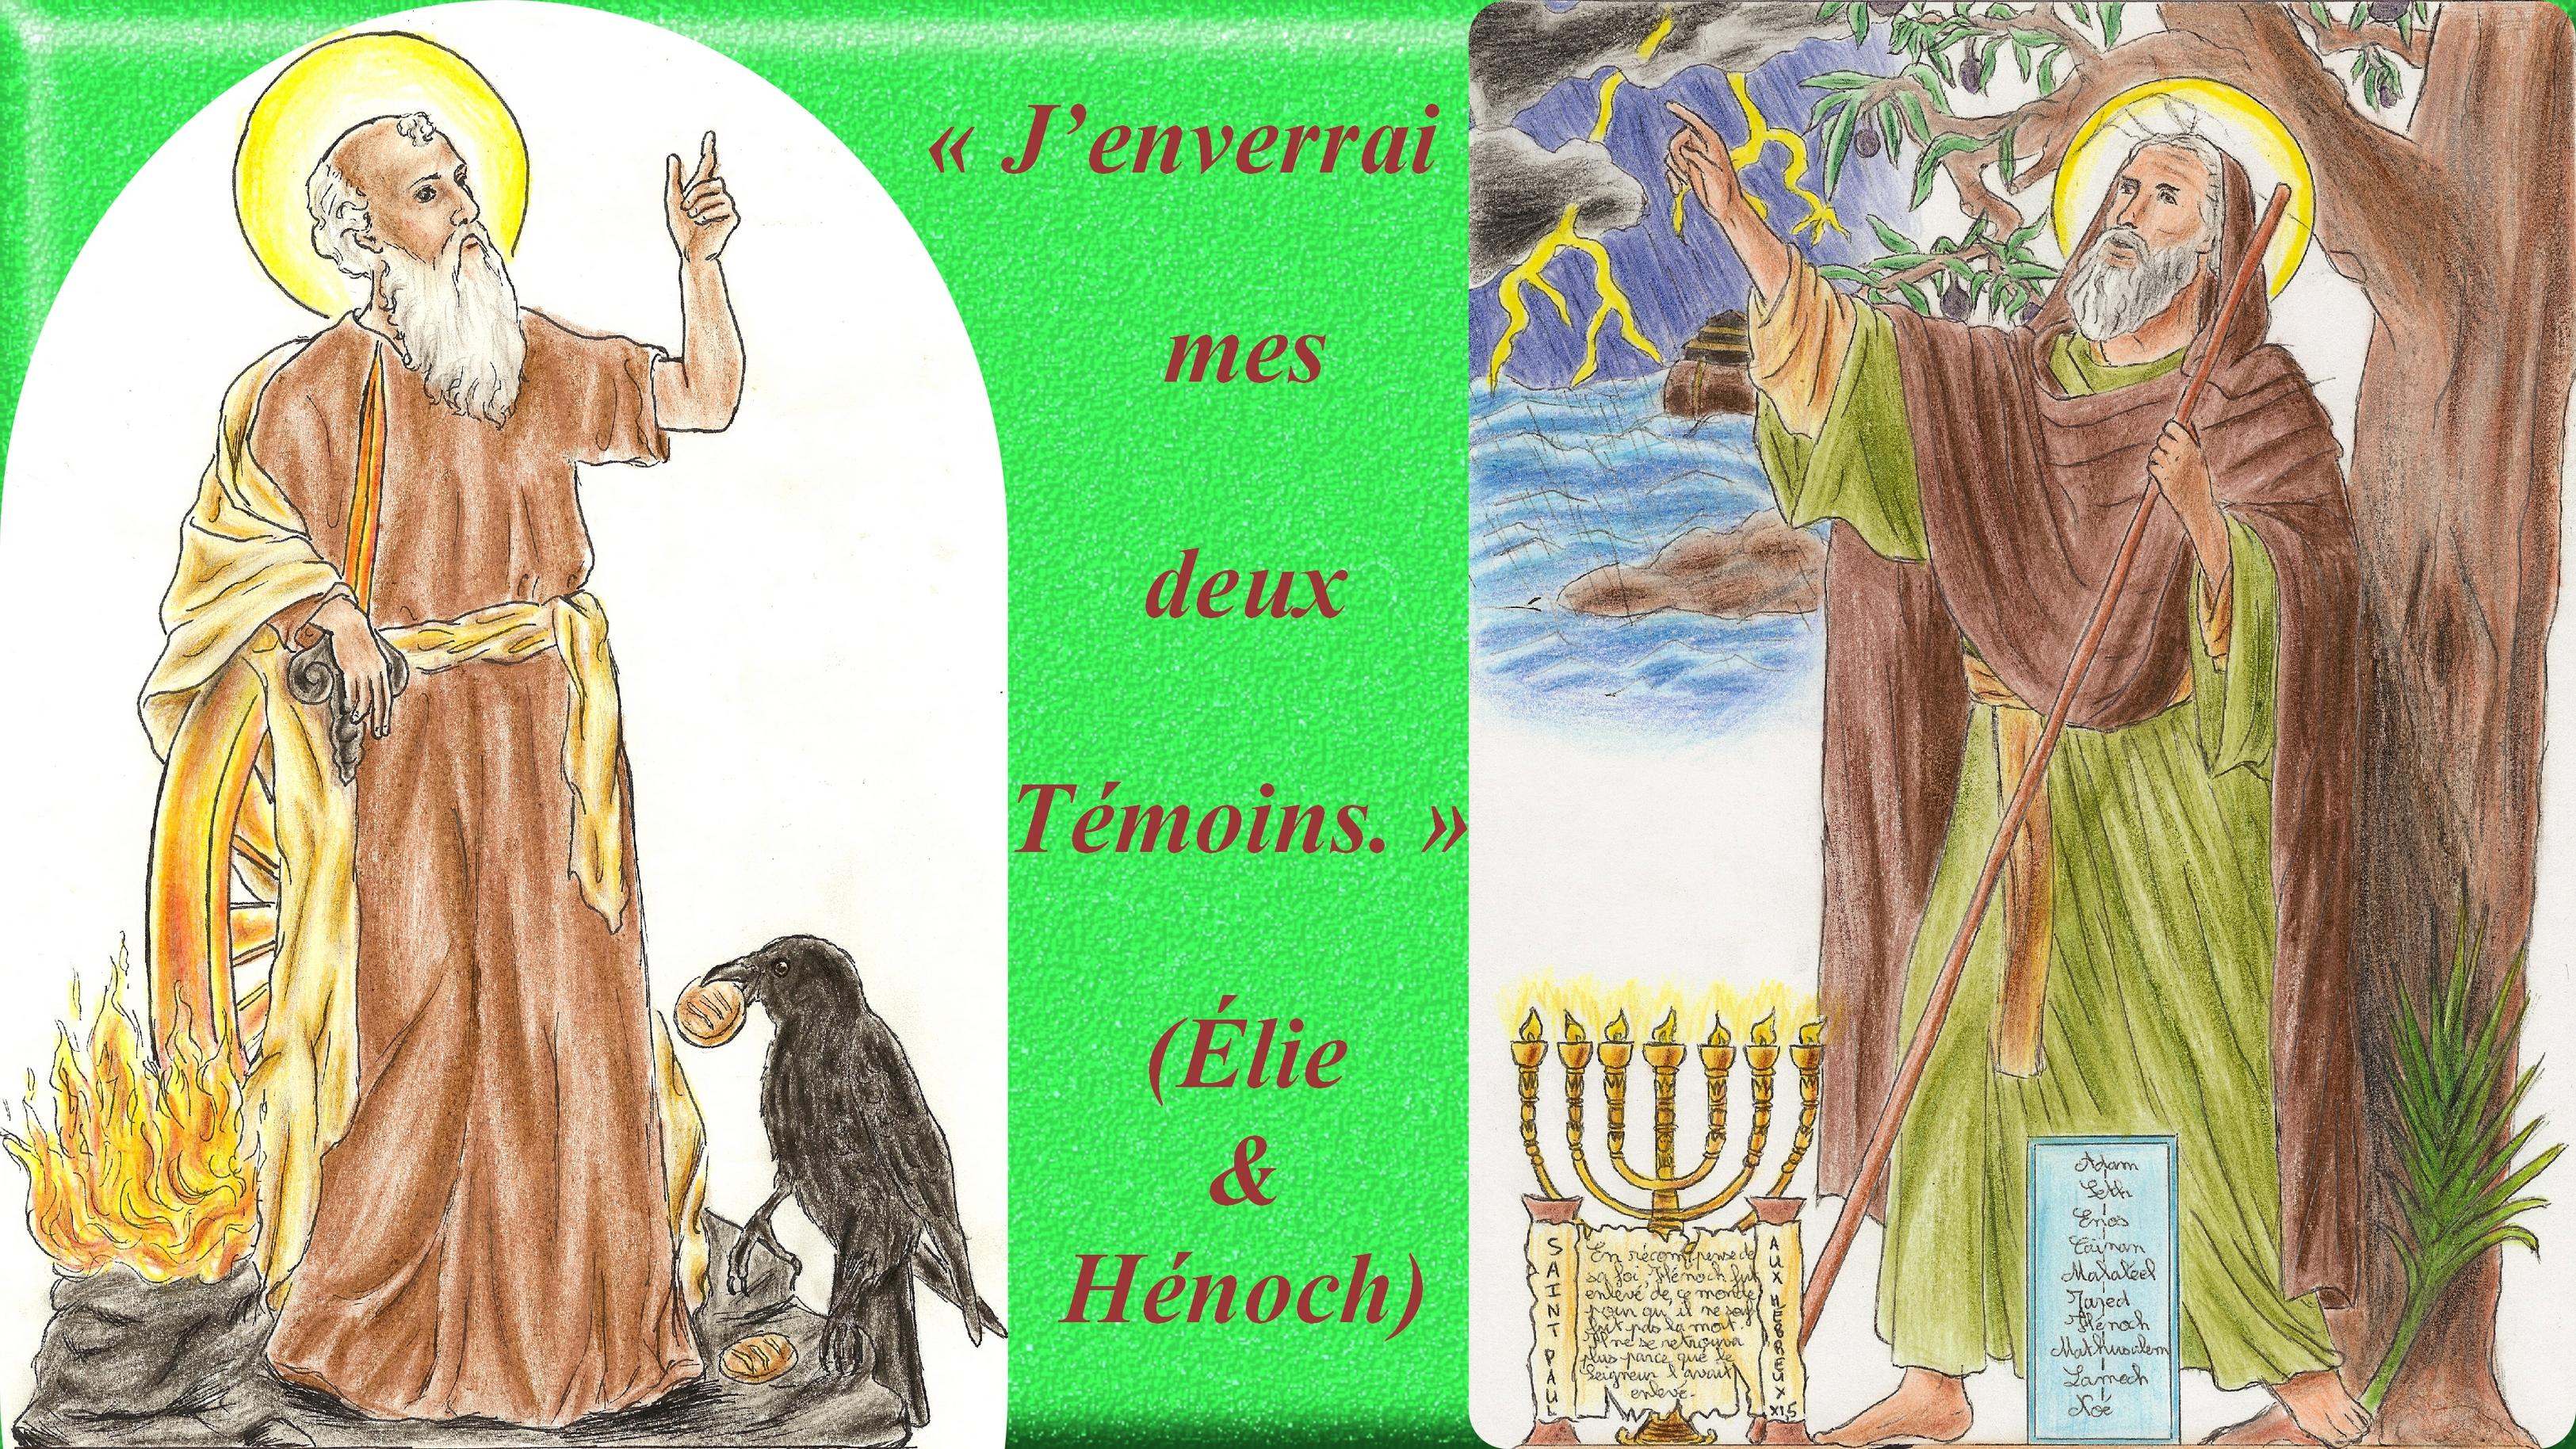 CALENDRIER CATHOLIQUE 2019 (Cantiques, Prières & Images) - Page 12 Le-st-proph-te-lie-st-h-noch-56ae3c9